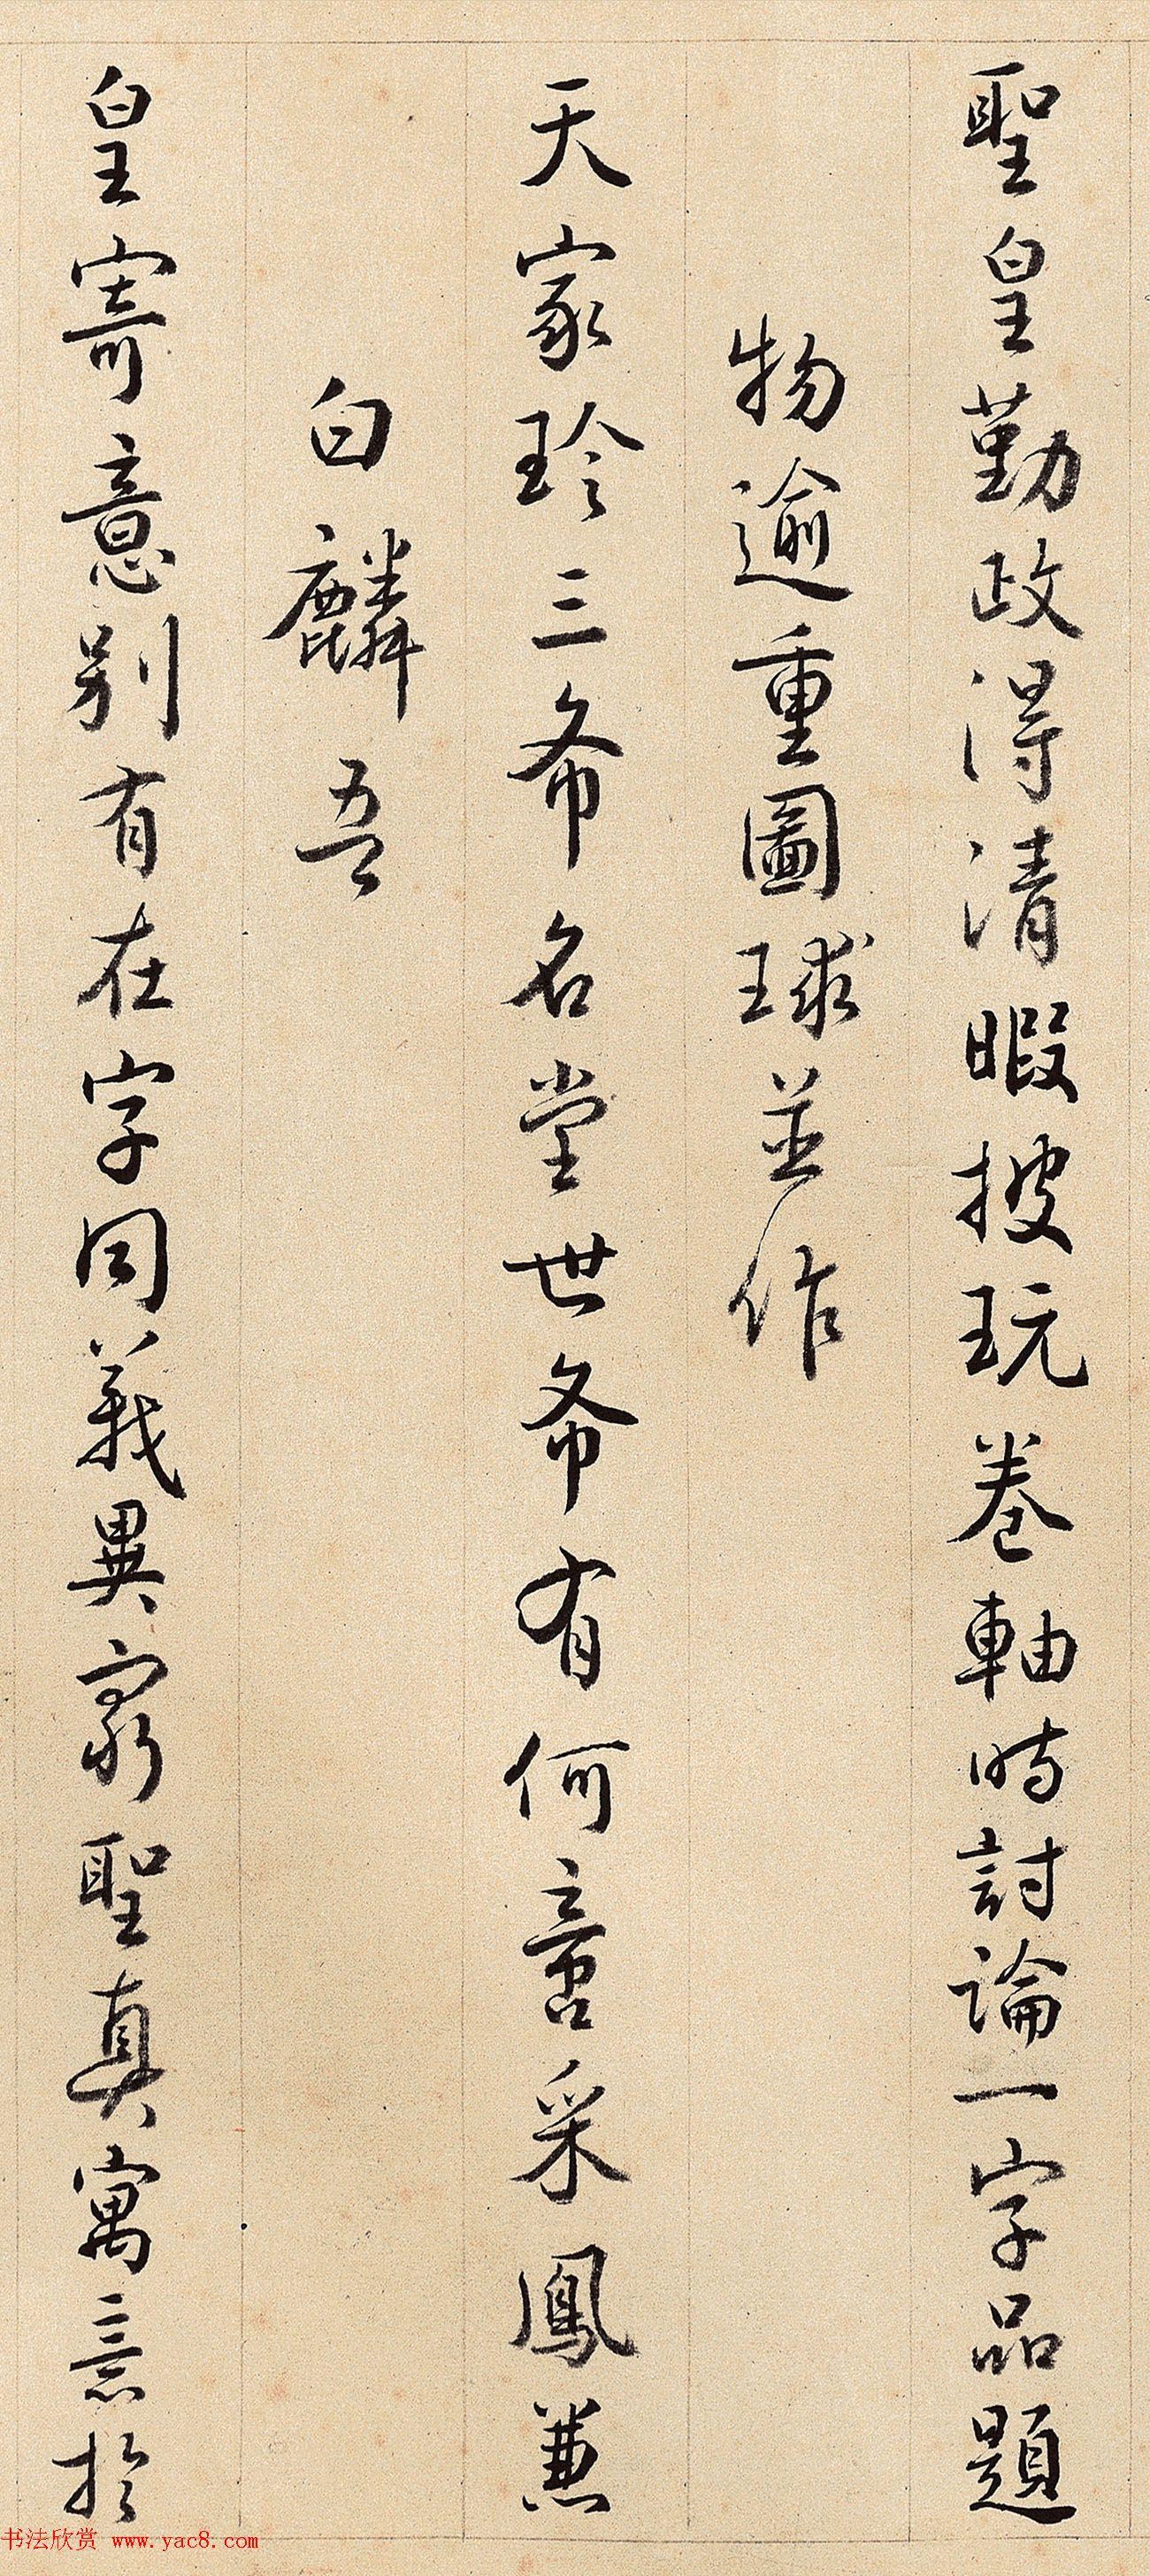 清代诗人沈德潜行书作品《三希堂歌》